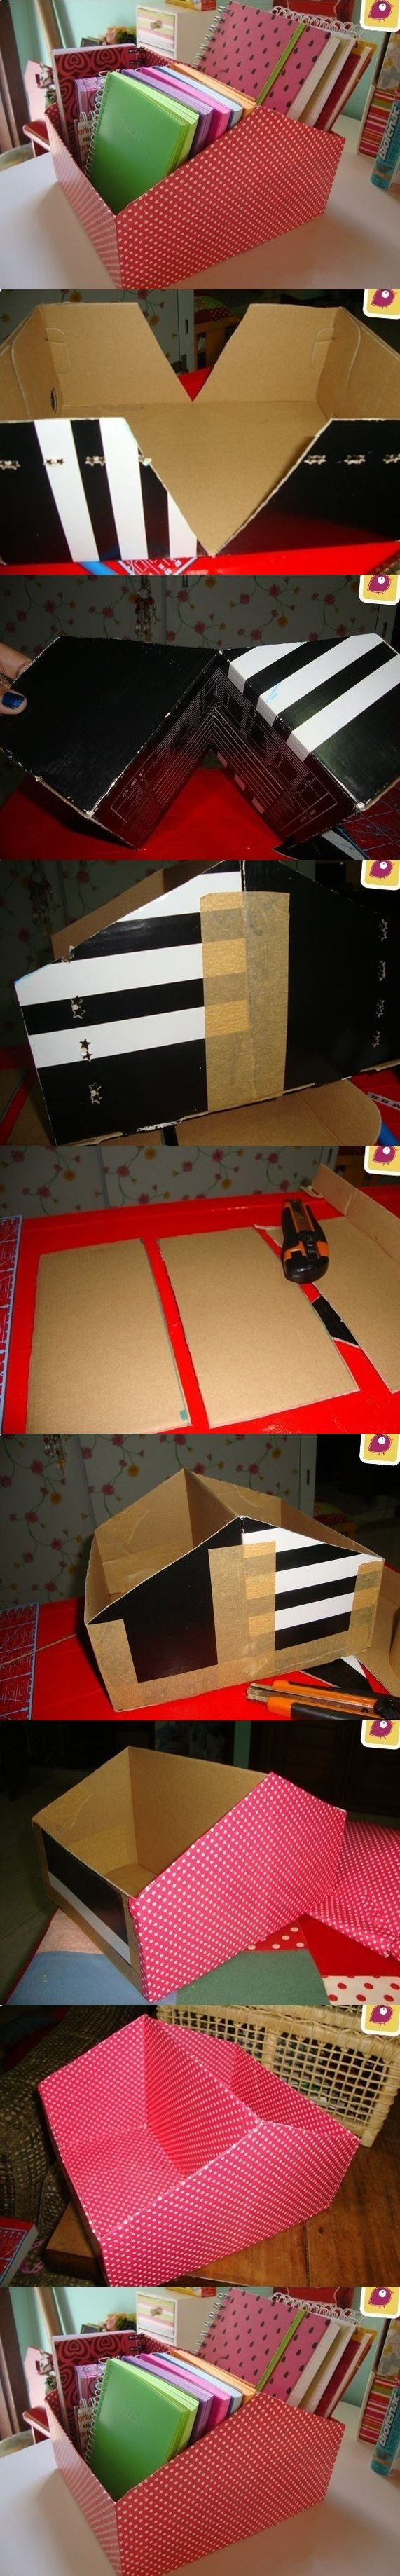 Tutorial de organizador com caixa de papelão , super fácil ;)